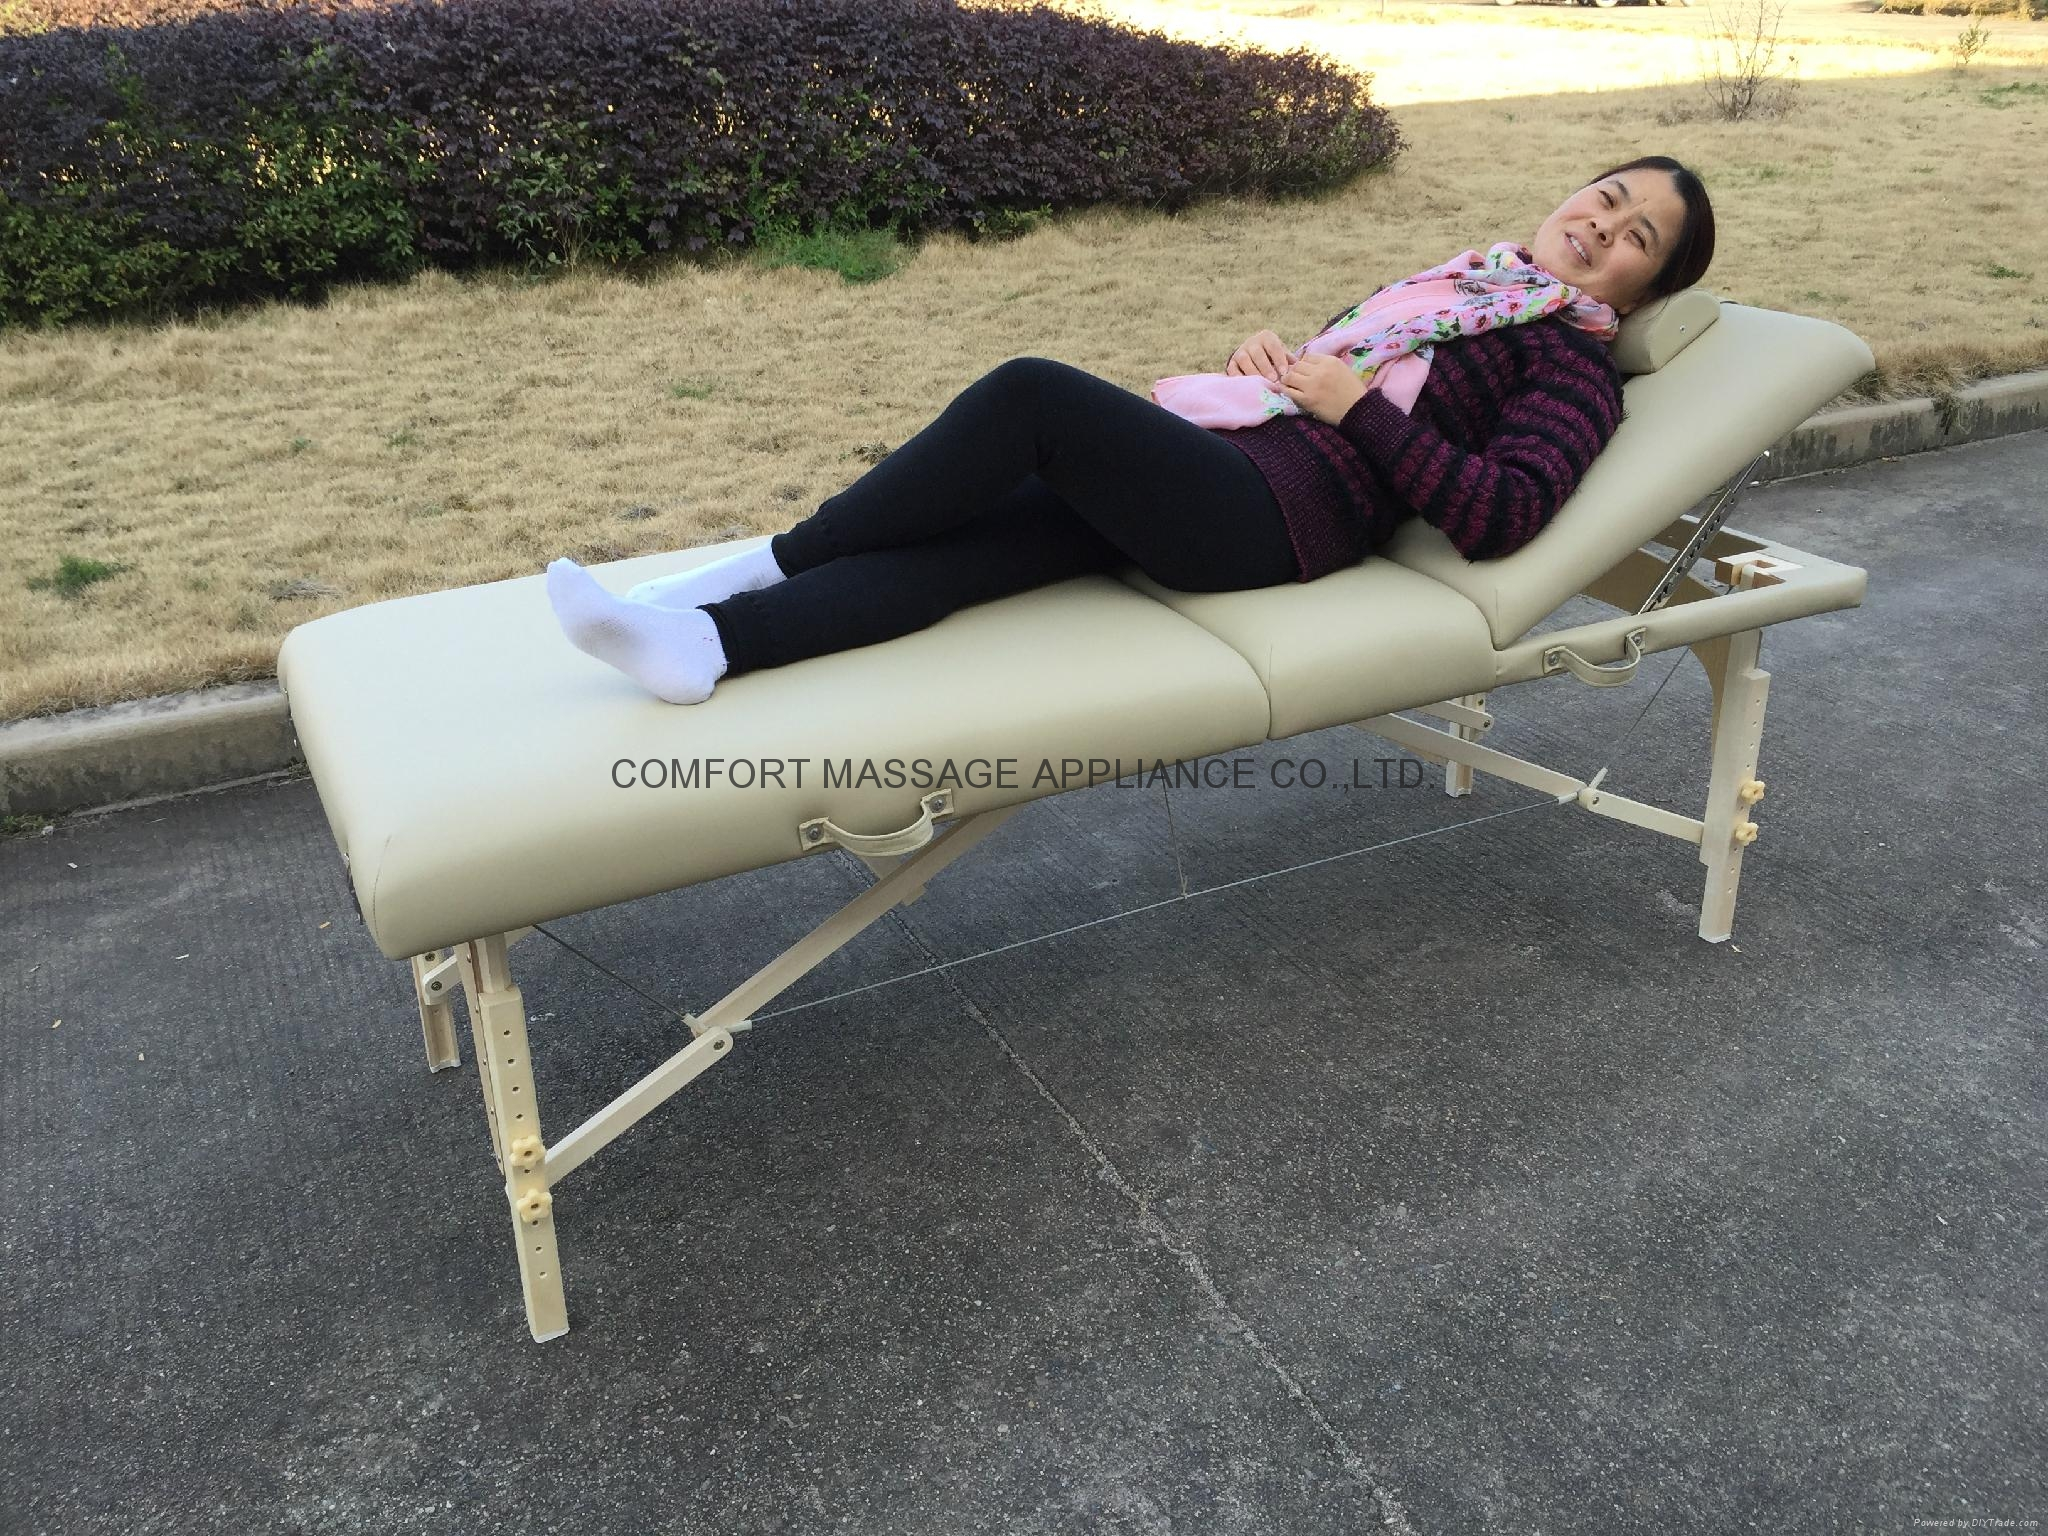 高檔白色櫸木料靠背調節按摩床美容床 4